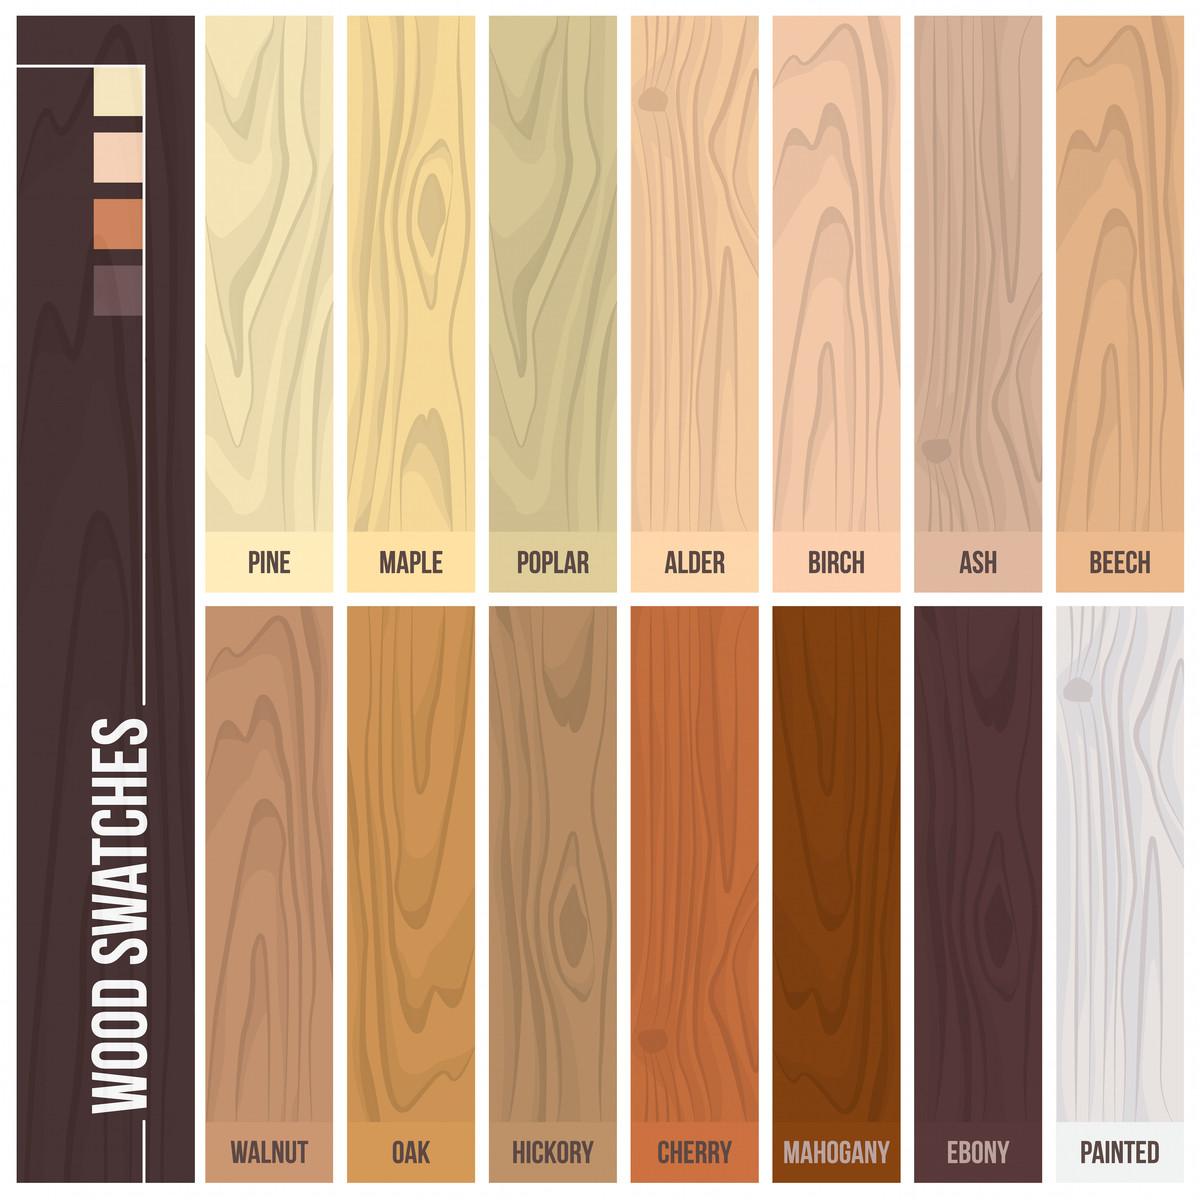 1 2 engineered hardwood flooring of 12 types of hardwood flooring species styles edging dimensions within types of hardwood flooring illustrated guide